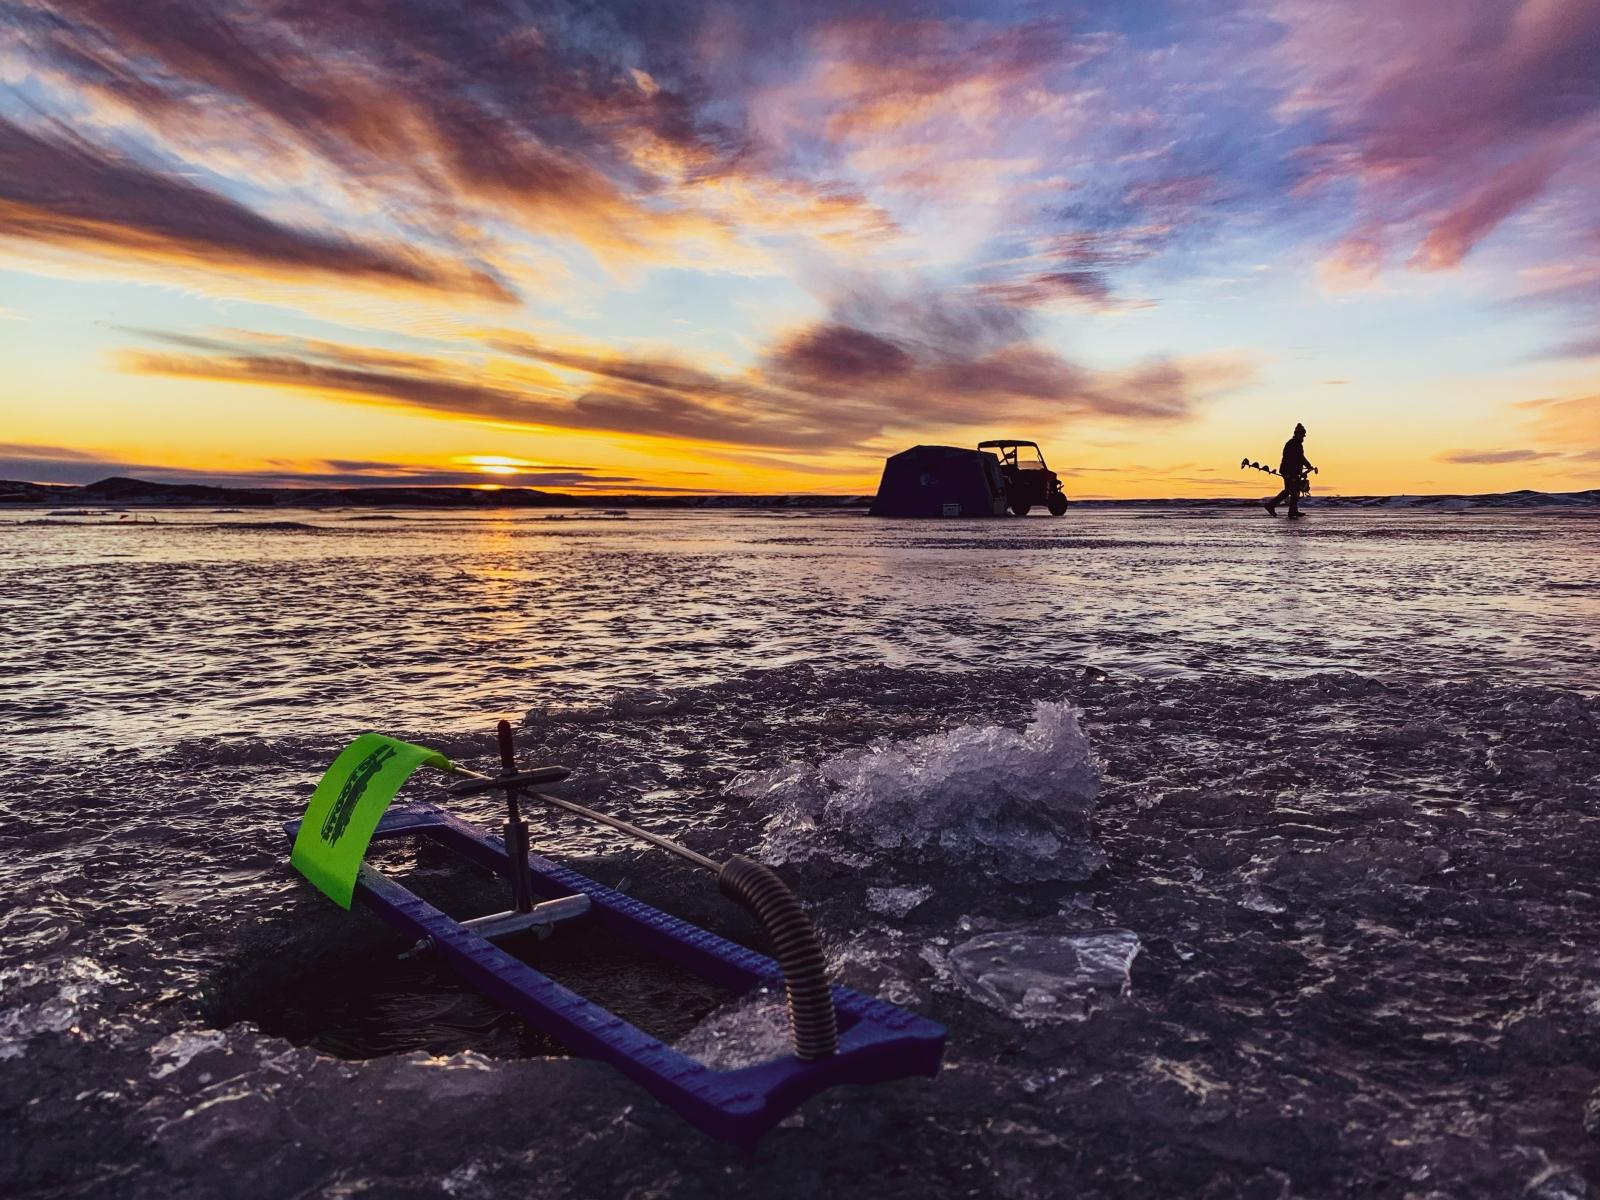 Tip Up Sunset on Oahe